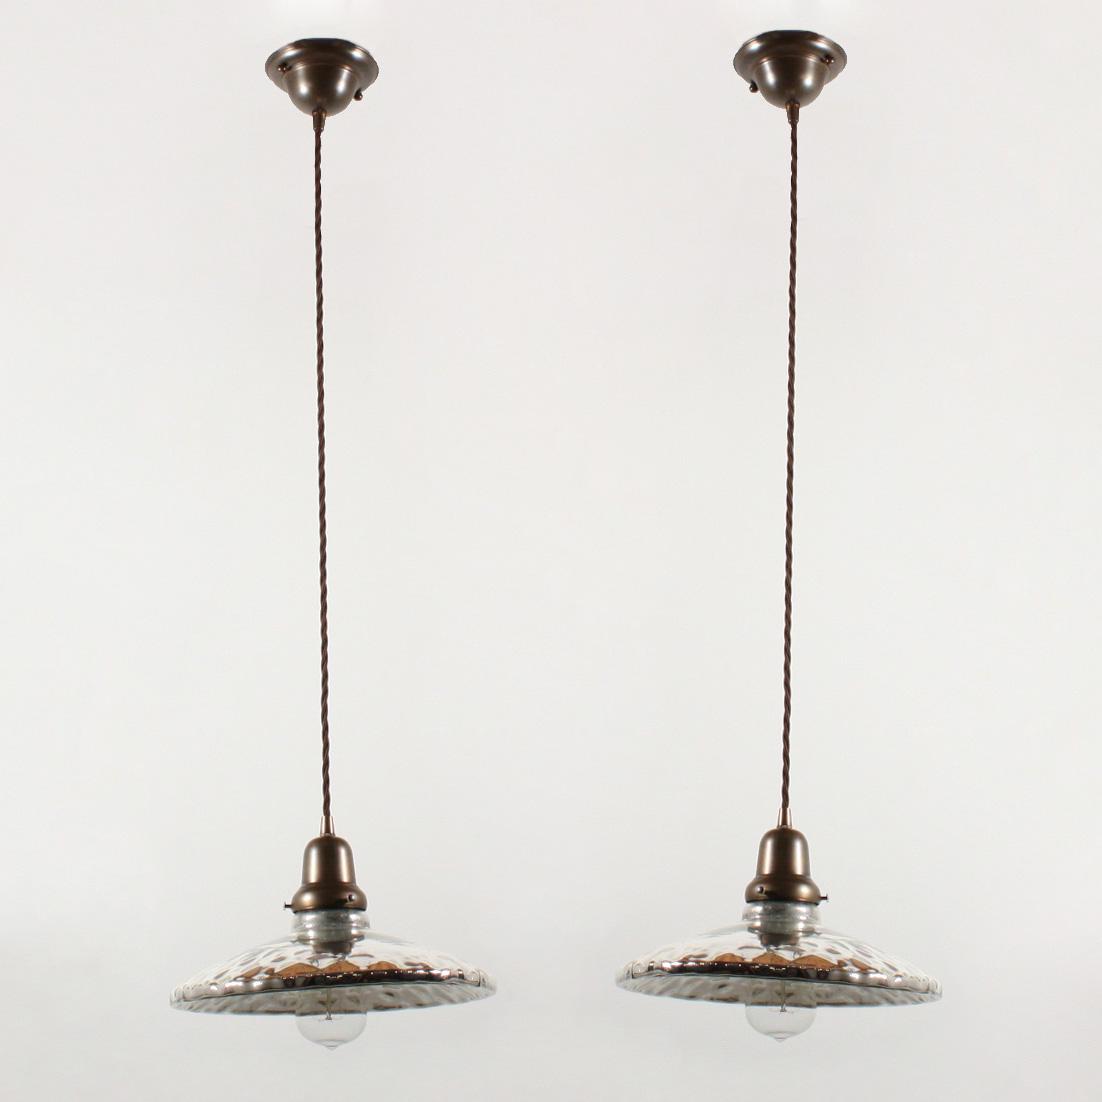 Large Antique Industrial Mercury Glass Pendants 1920 S